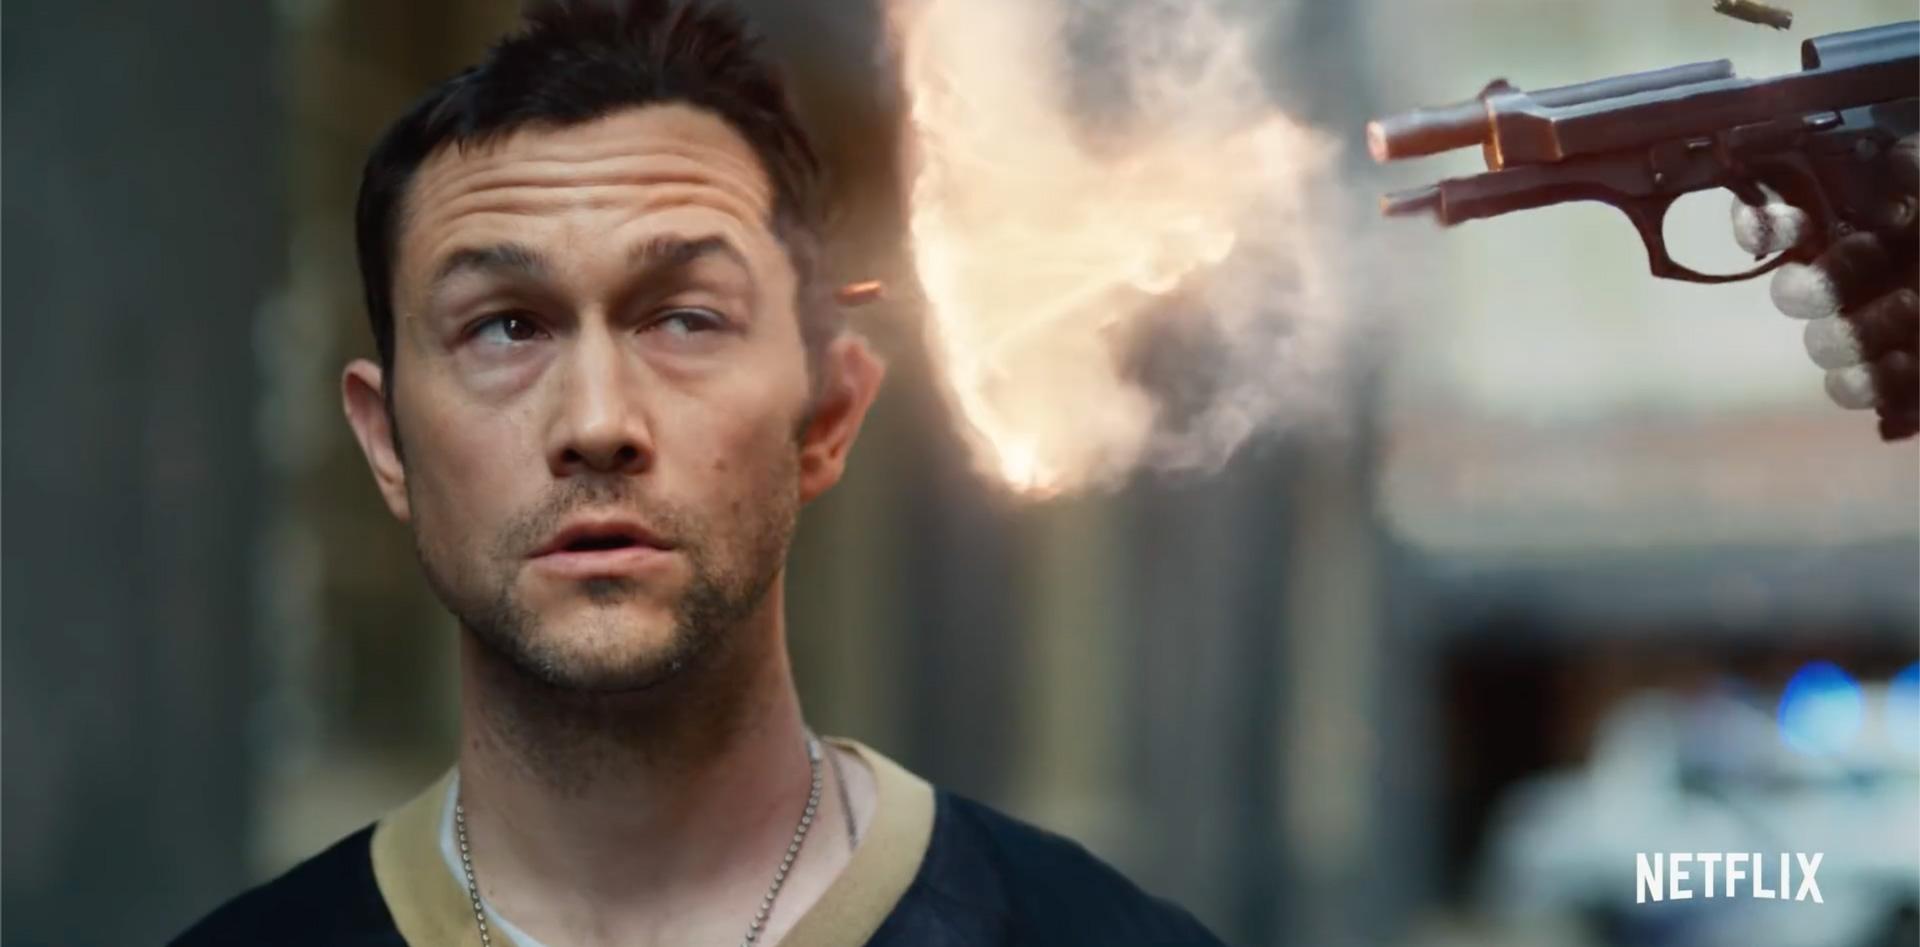 Project Power : Netflix dévoile un extrait explosif avec Joseph Gordon-Levitt